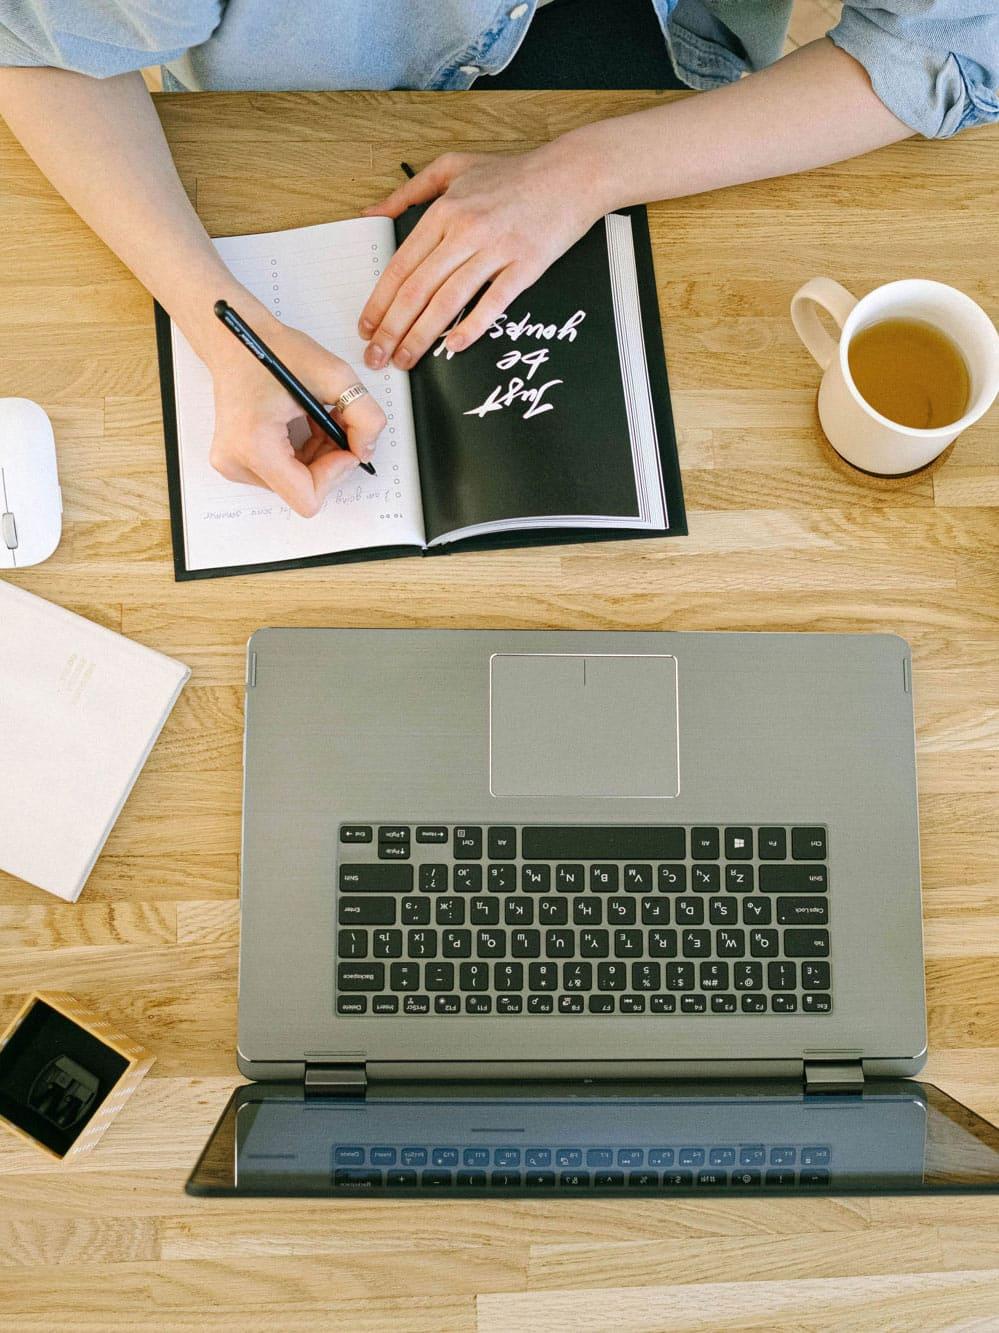 Arbeiten_im_Homeoffice_am_Schreibtisch_mit_Laptop